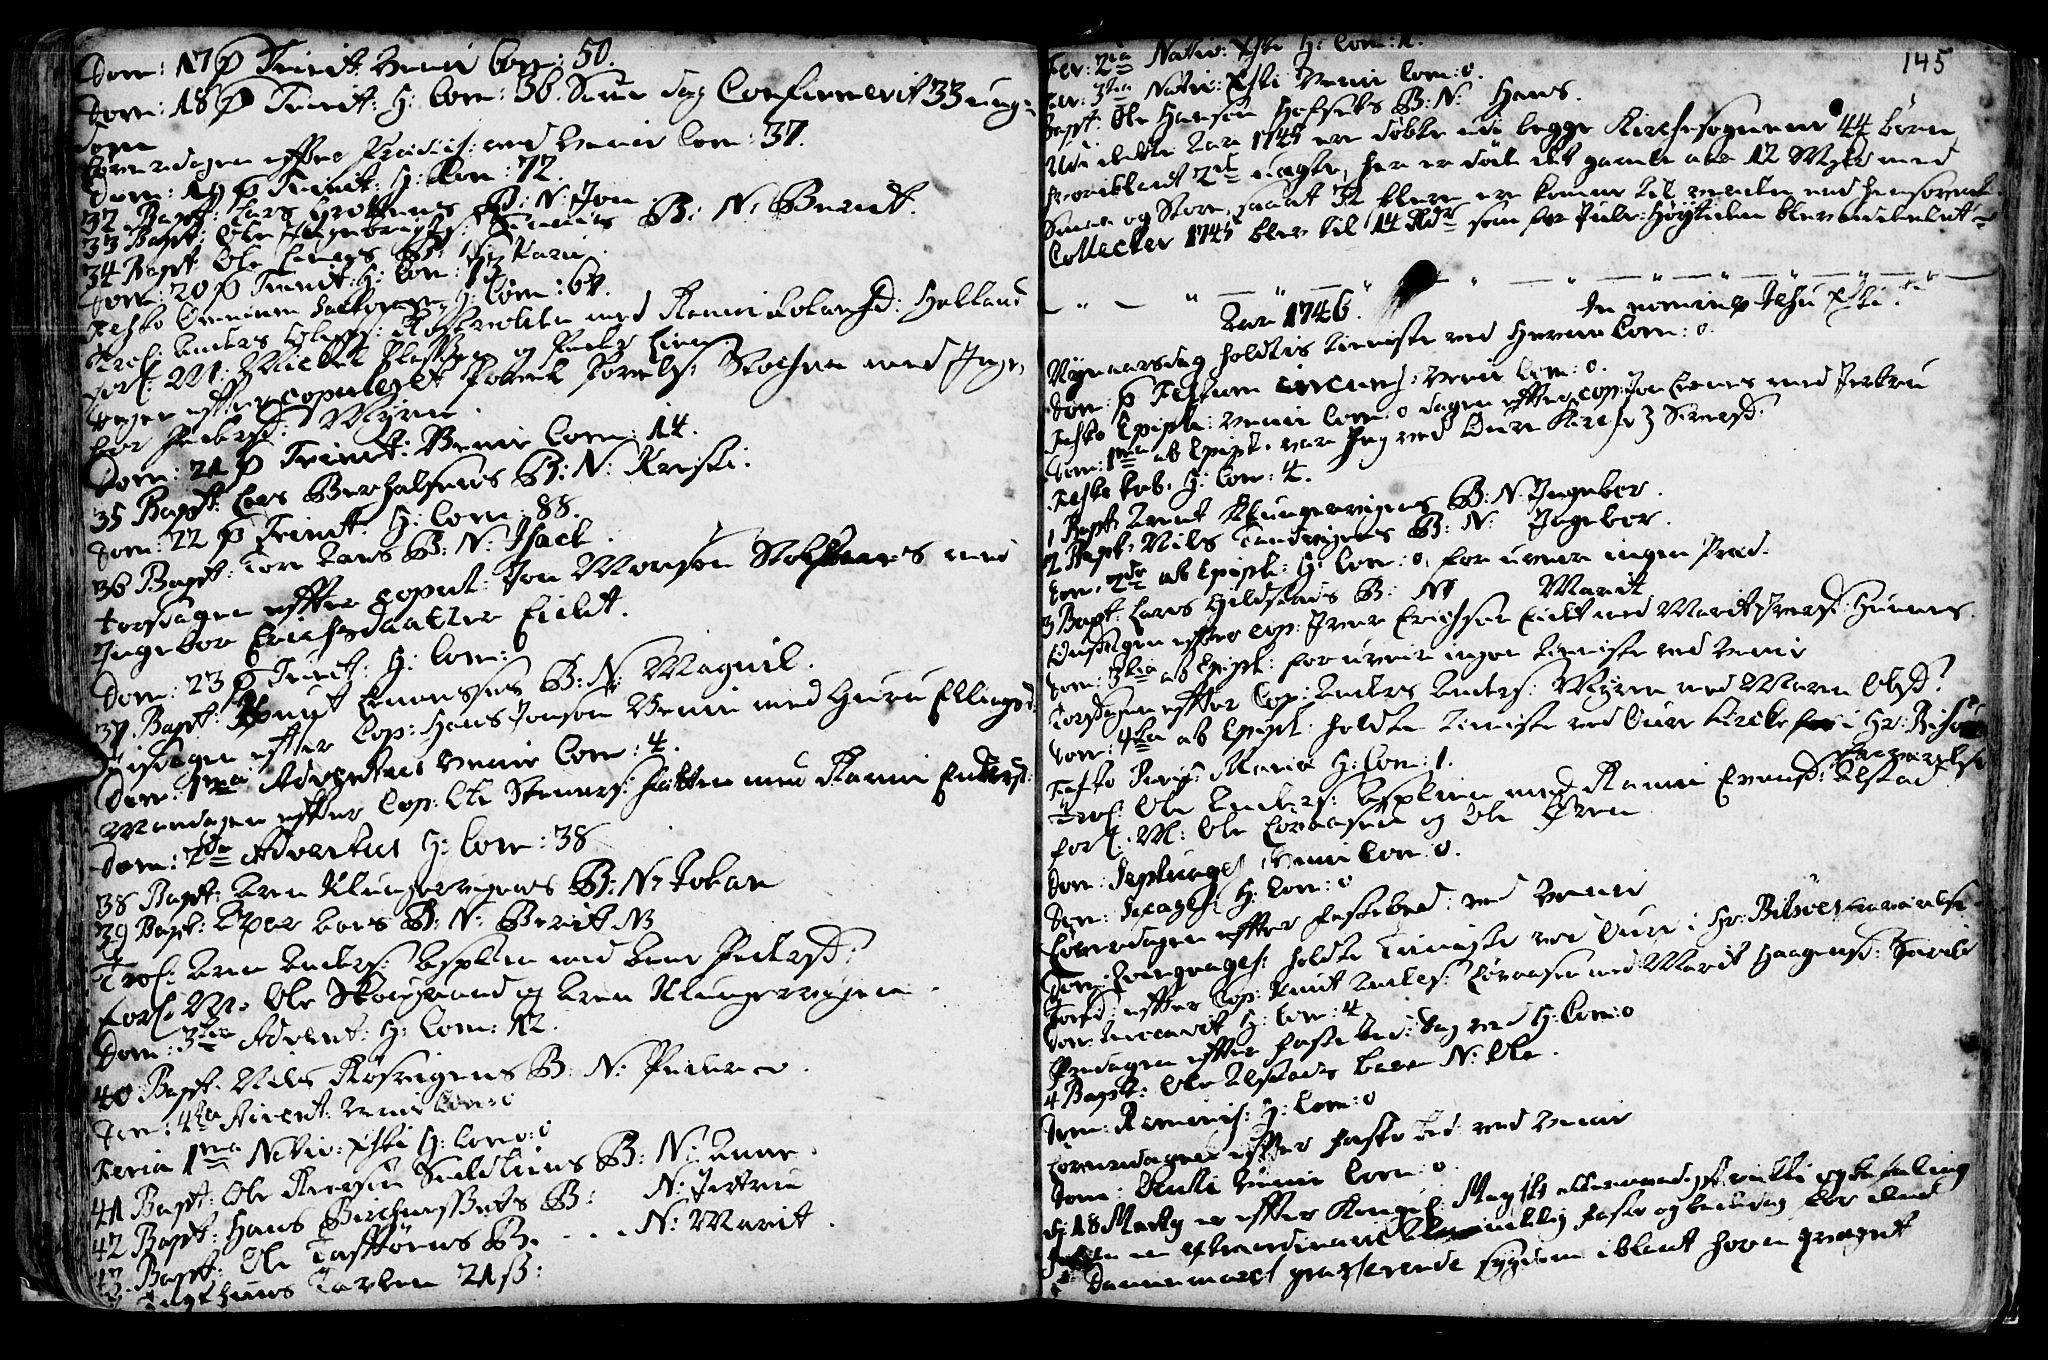 SAT, Ministerialprotokoller, klokkerbøker og fødselsregistre - Sør-Trøndelag, 630/L0488: Ministerialbok nr. 630A01, 1717-1756, s. 144-145